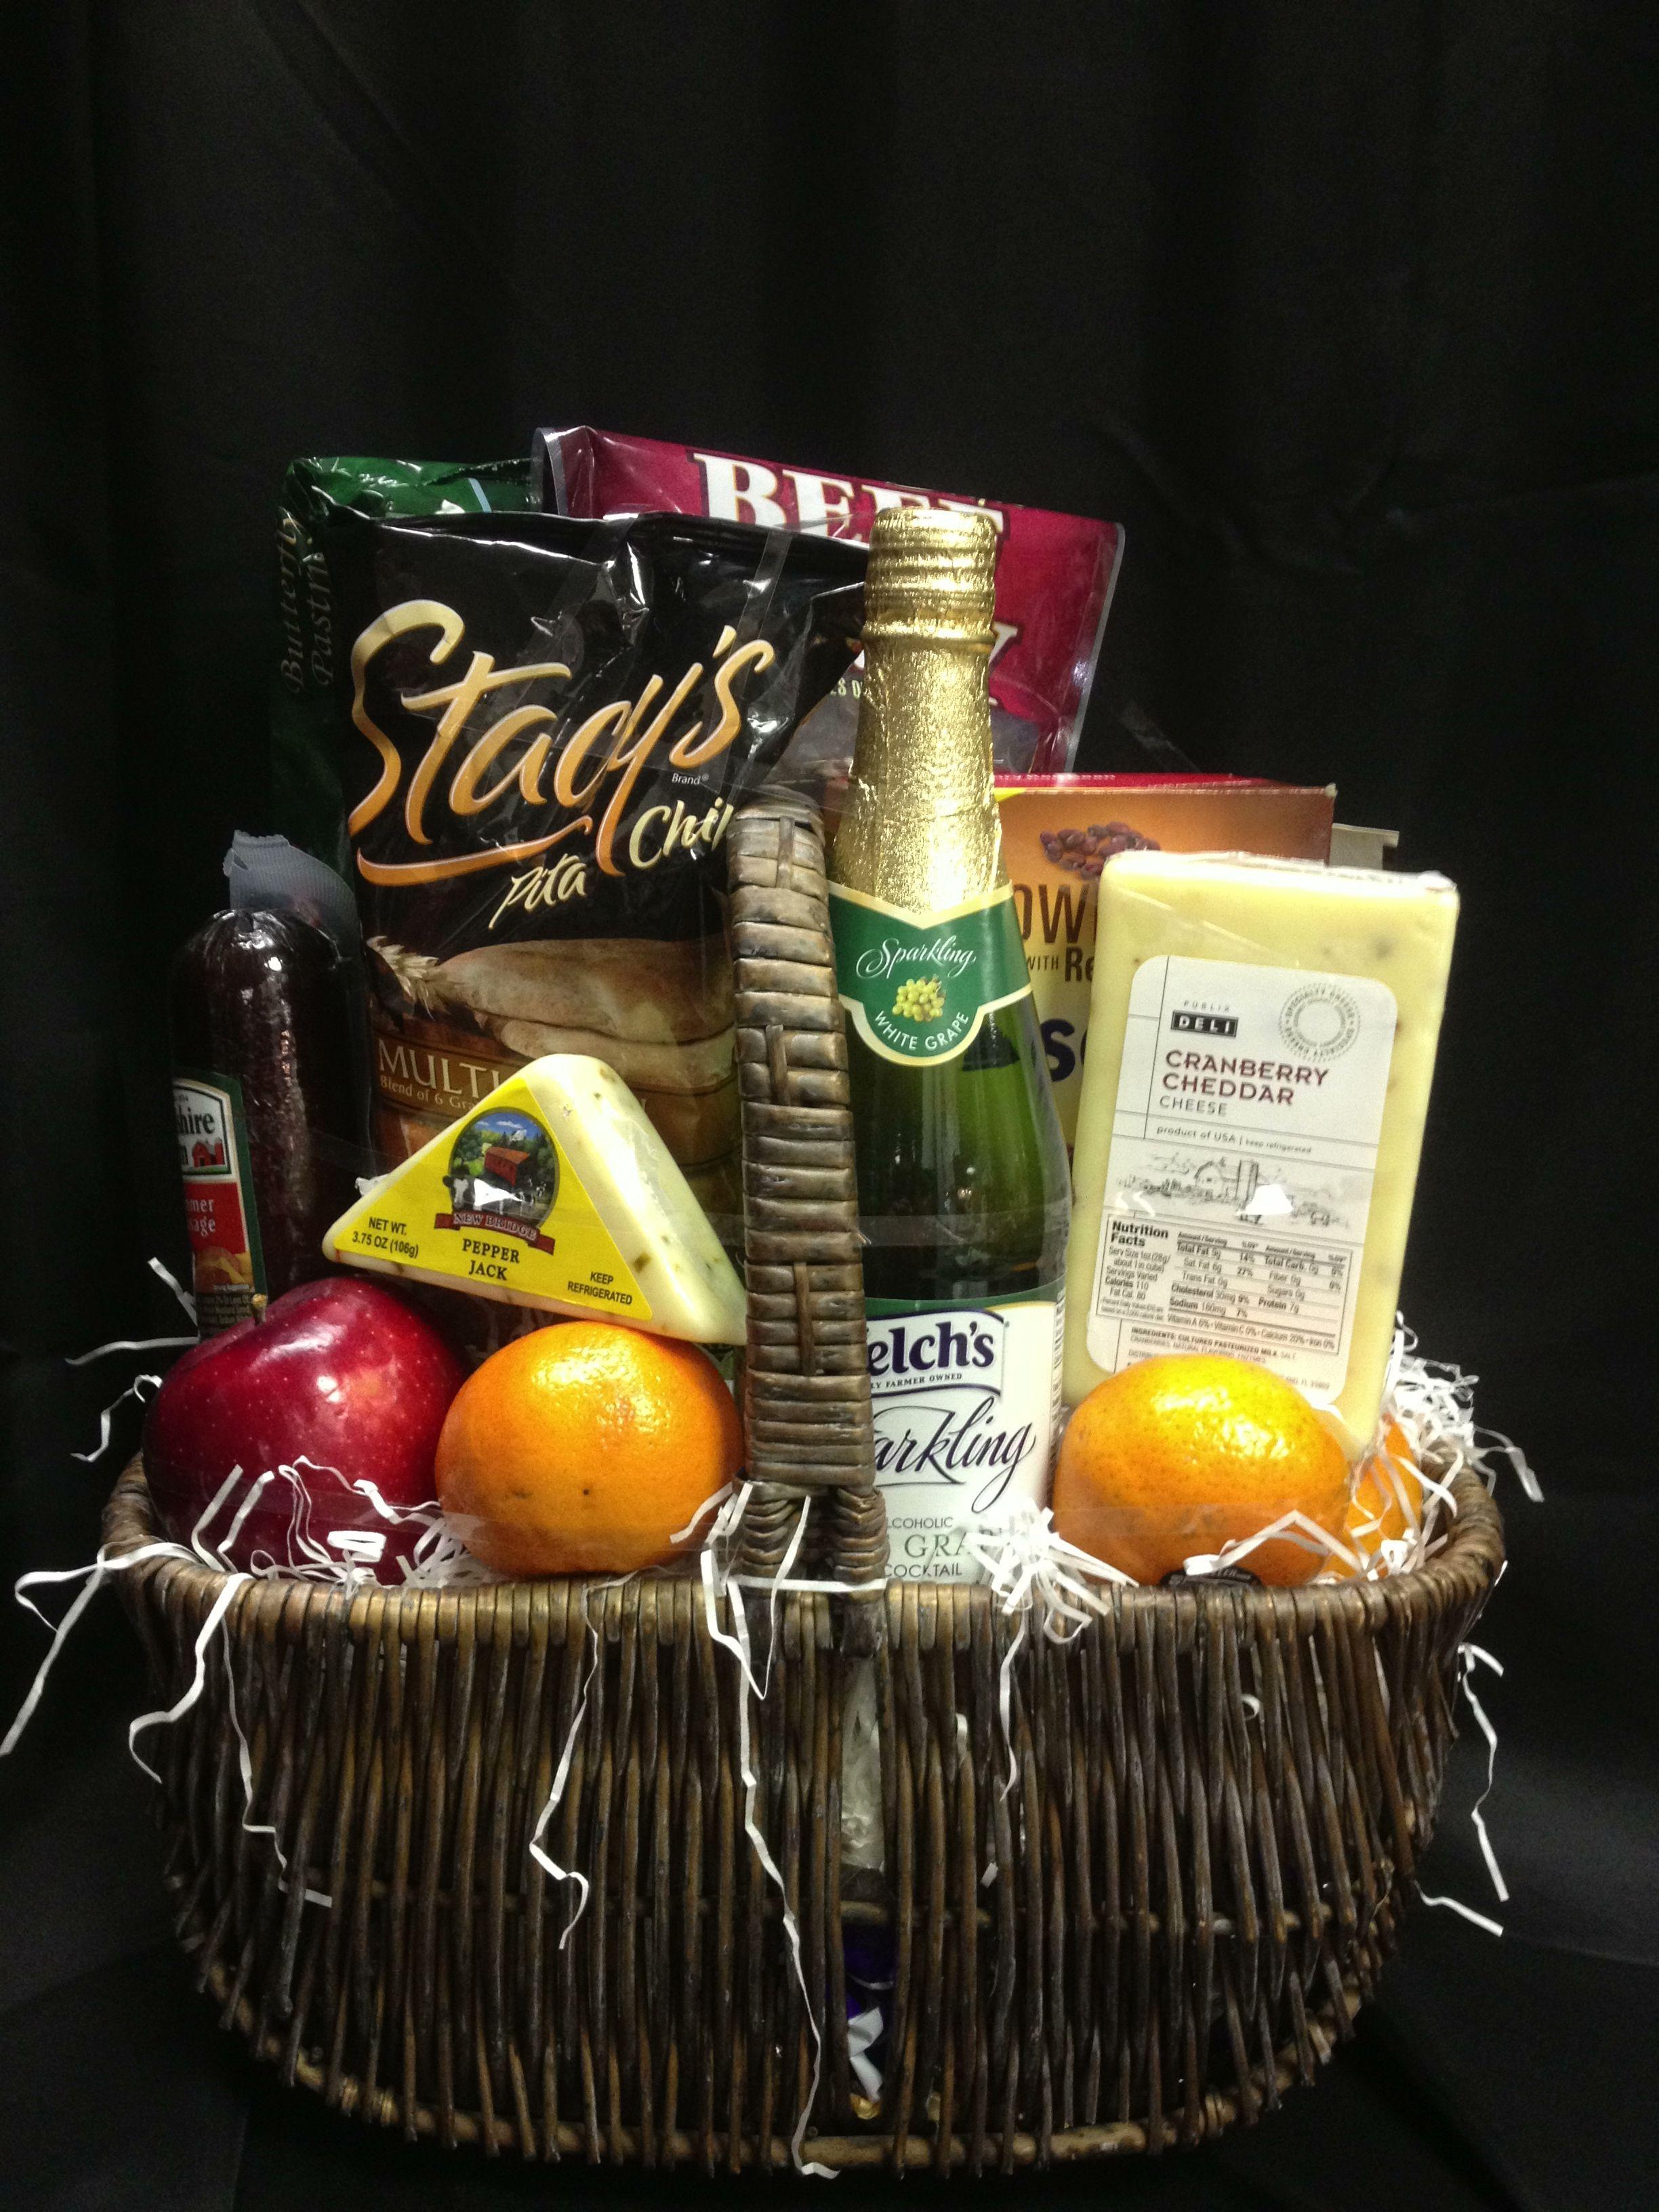 Gourmet basket from PFBD Gourmet baskets, Basket, Gourmet